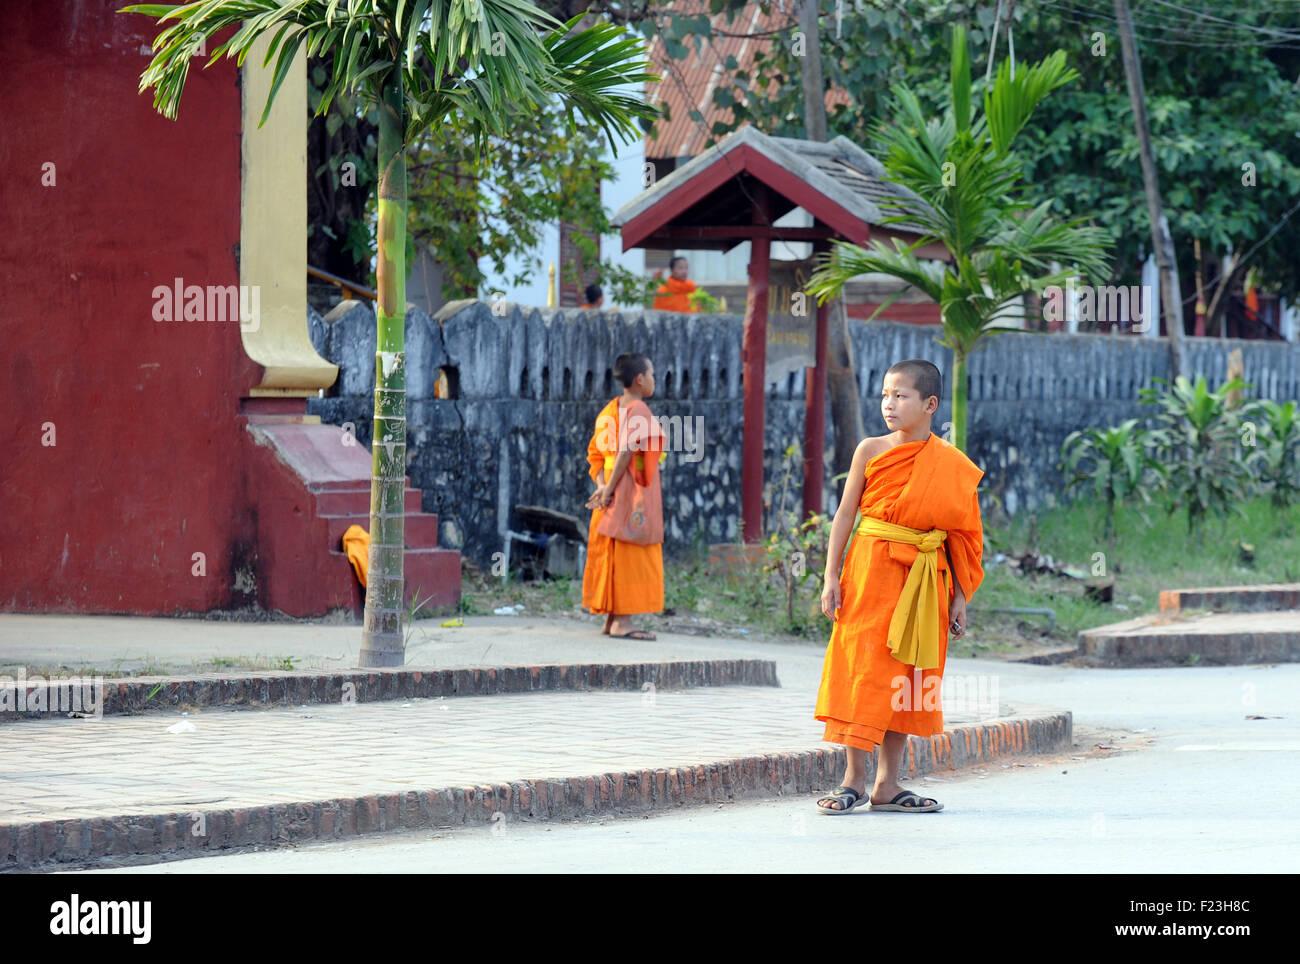 Lao novizio monaci in abiti dello zafferano Luang Prabang, Laos Immagini Stock